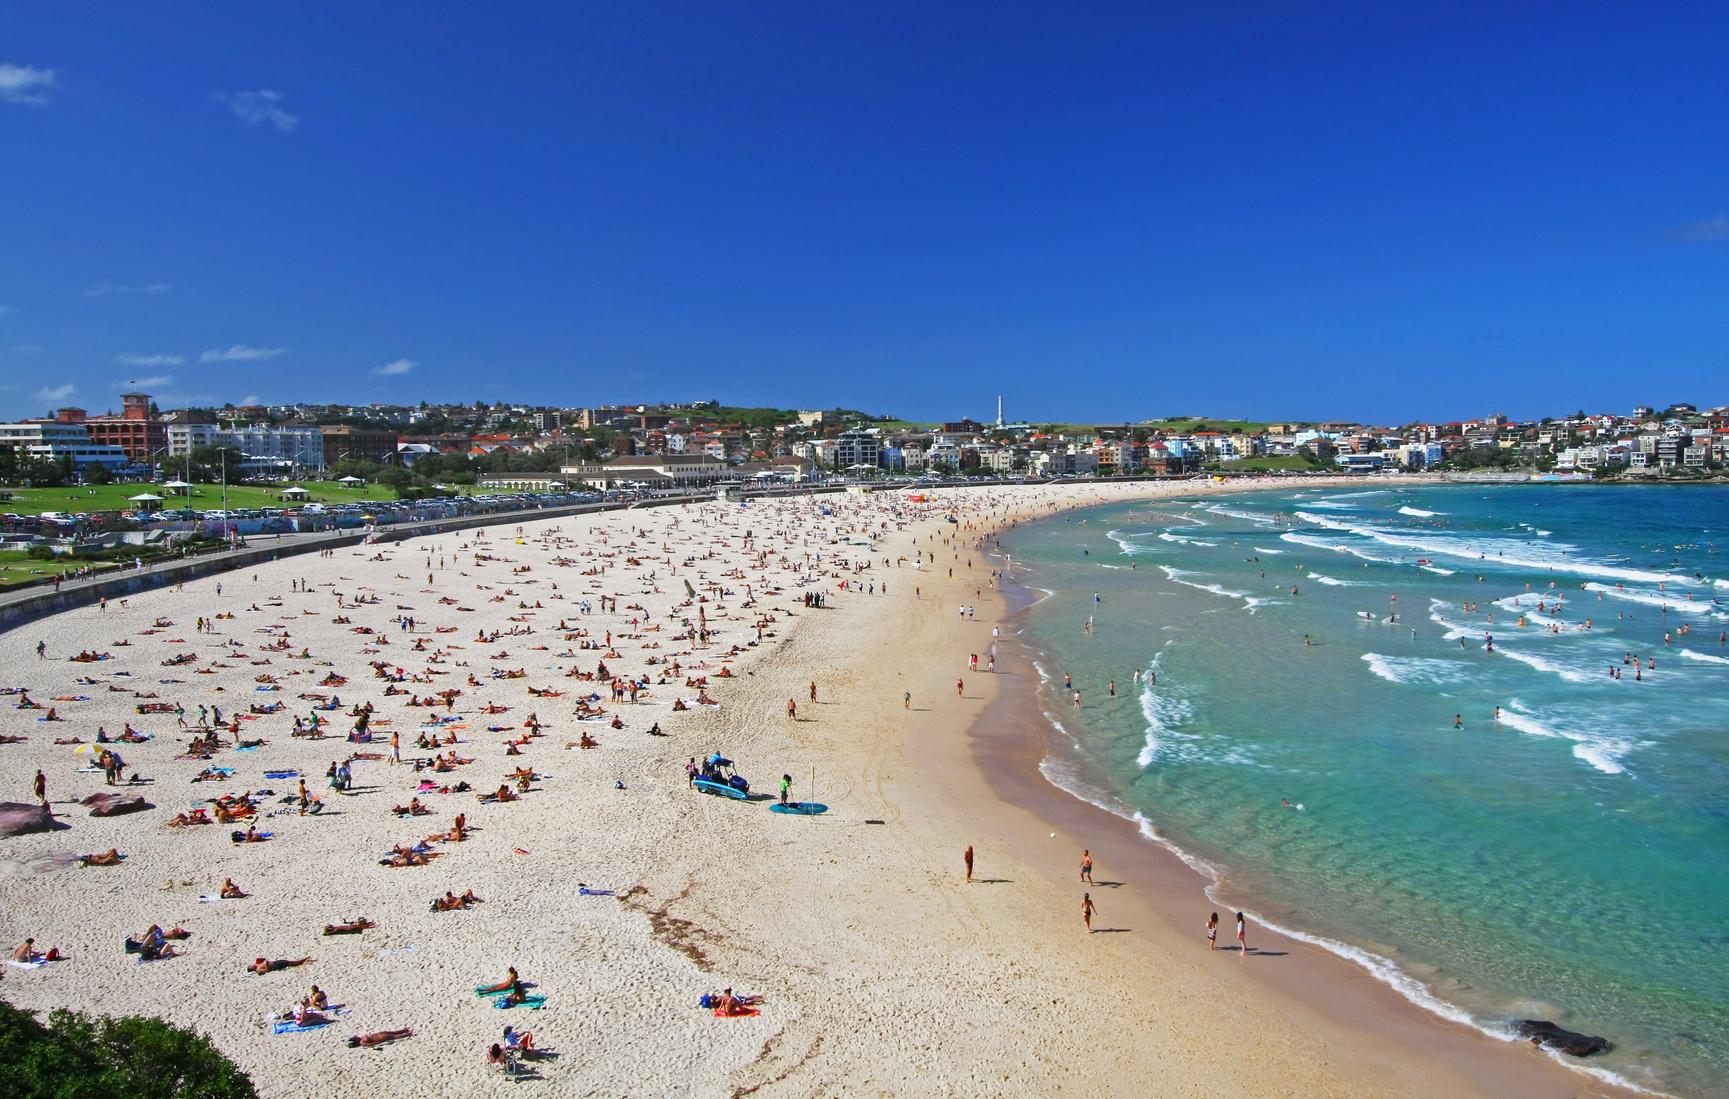 photo de bondi beach a sydney australie